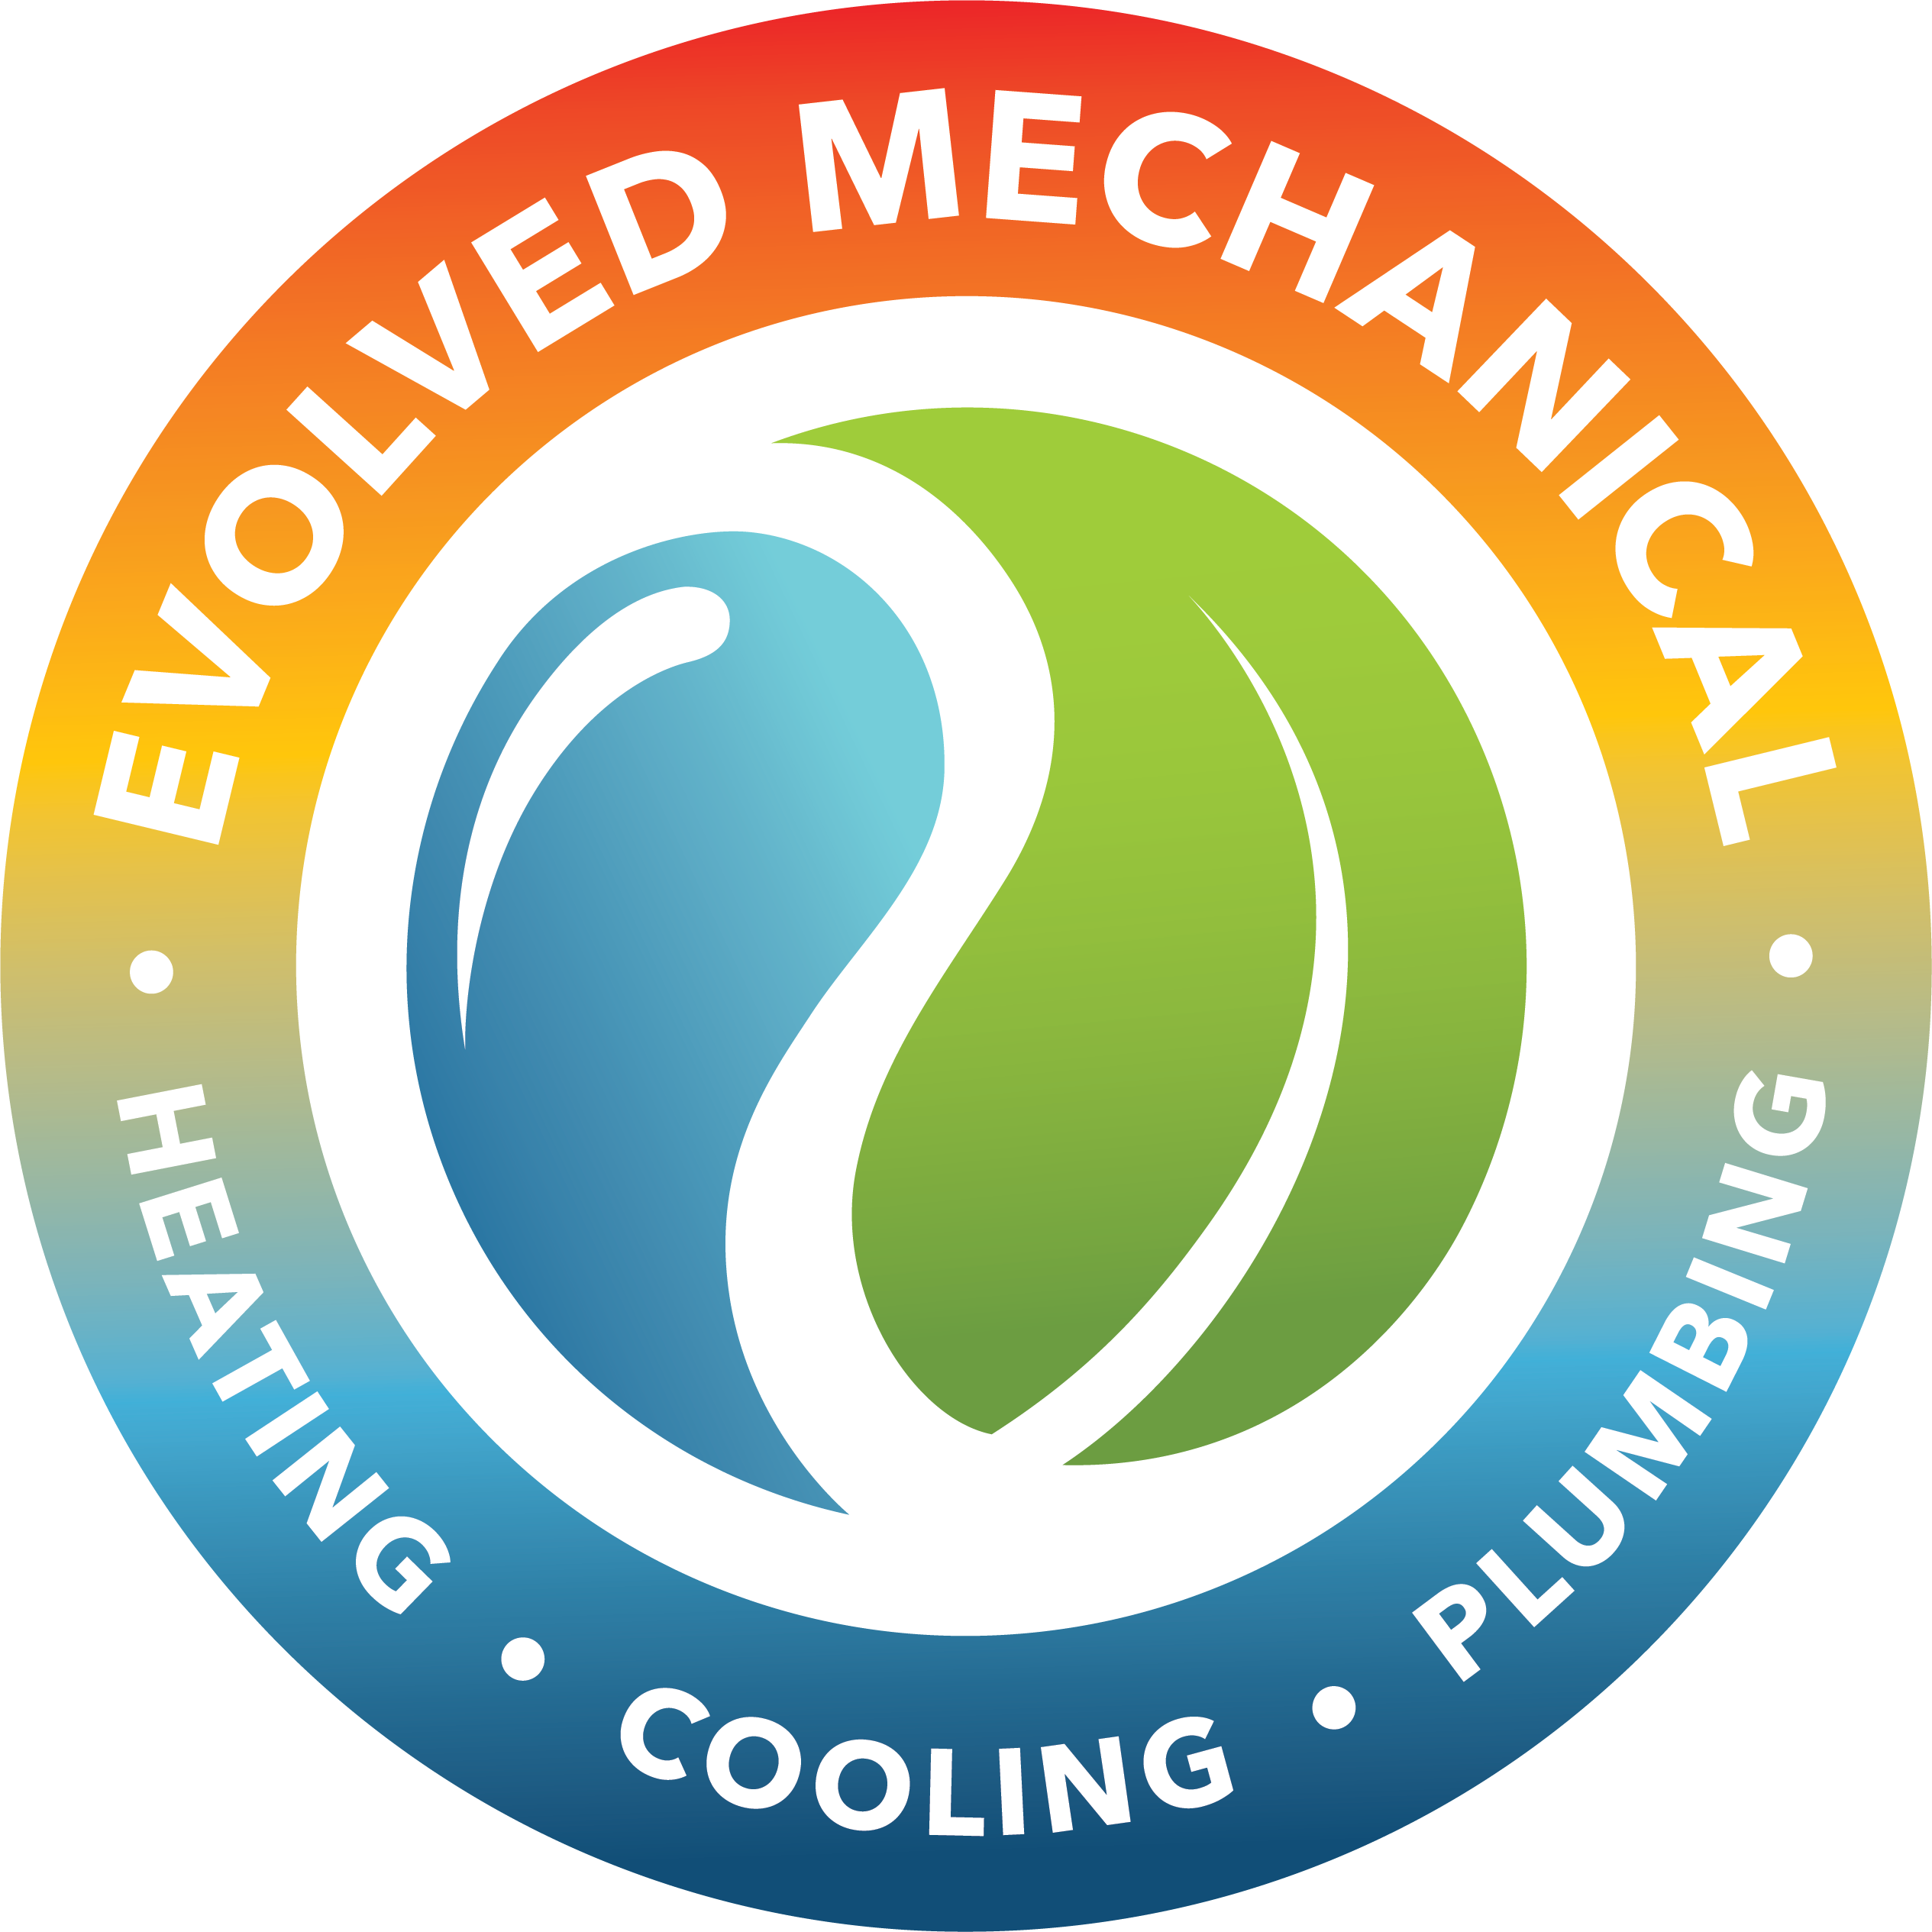 Evolved Mechanical LLC